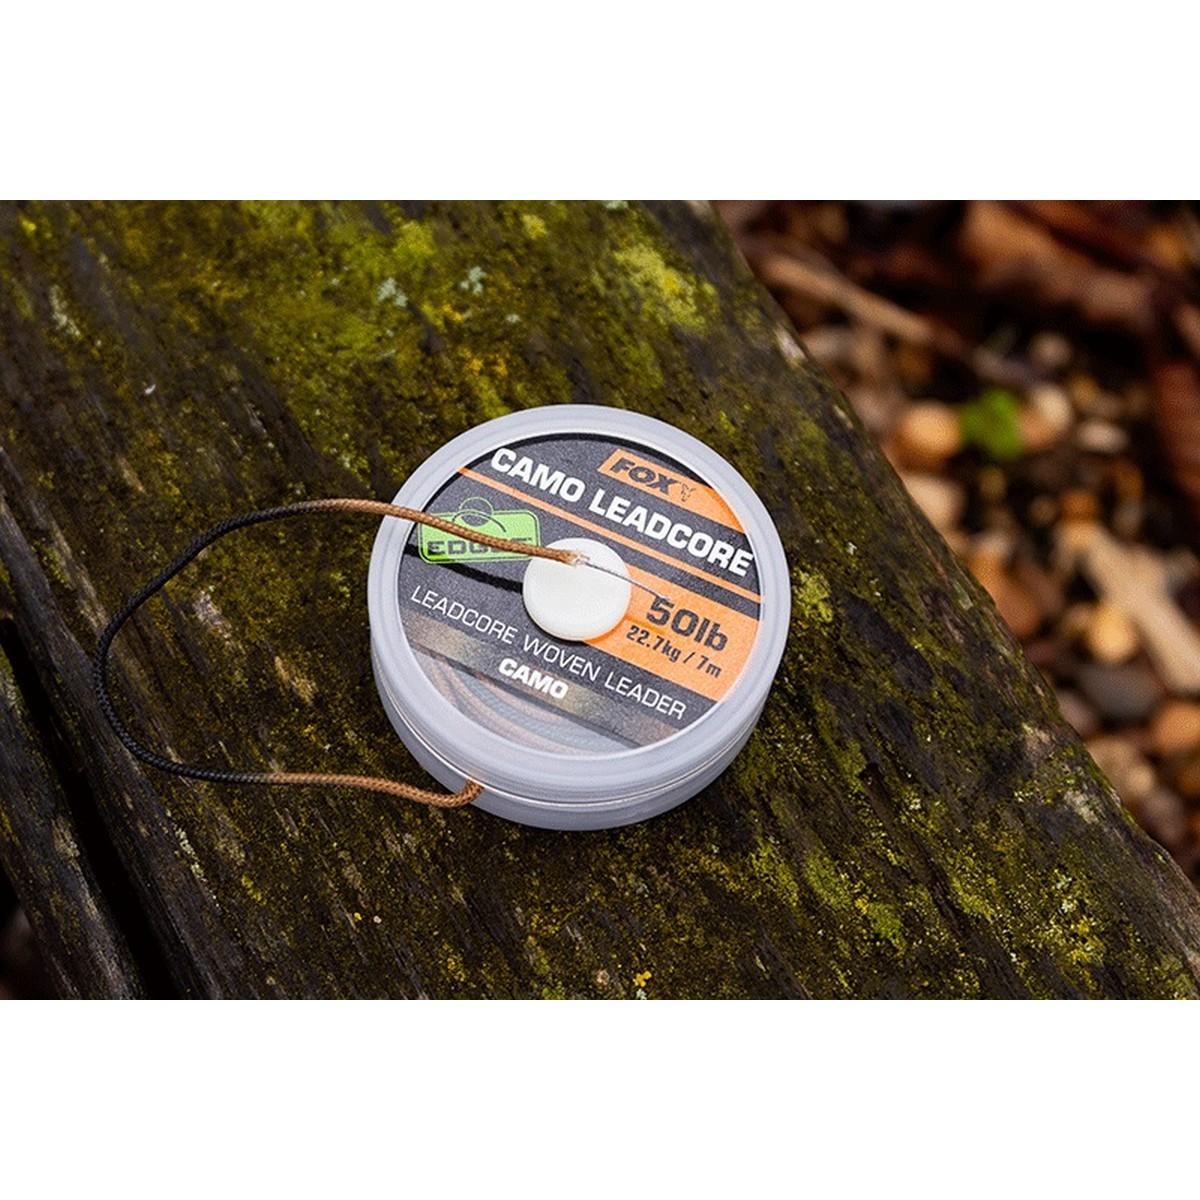 Лидкор Fox Edges Camo Leadcore 50 lb